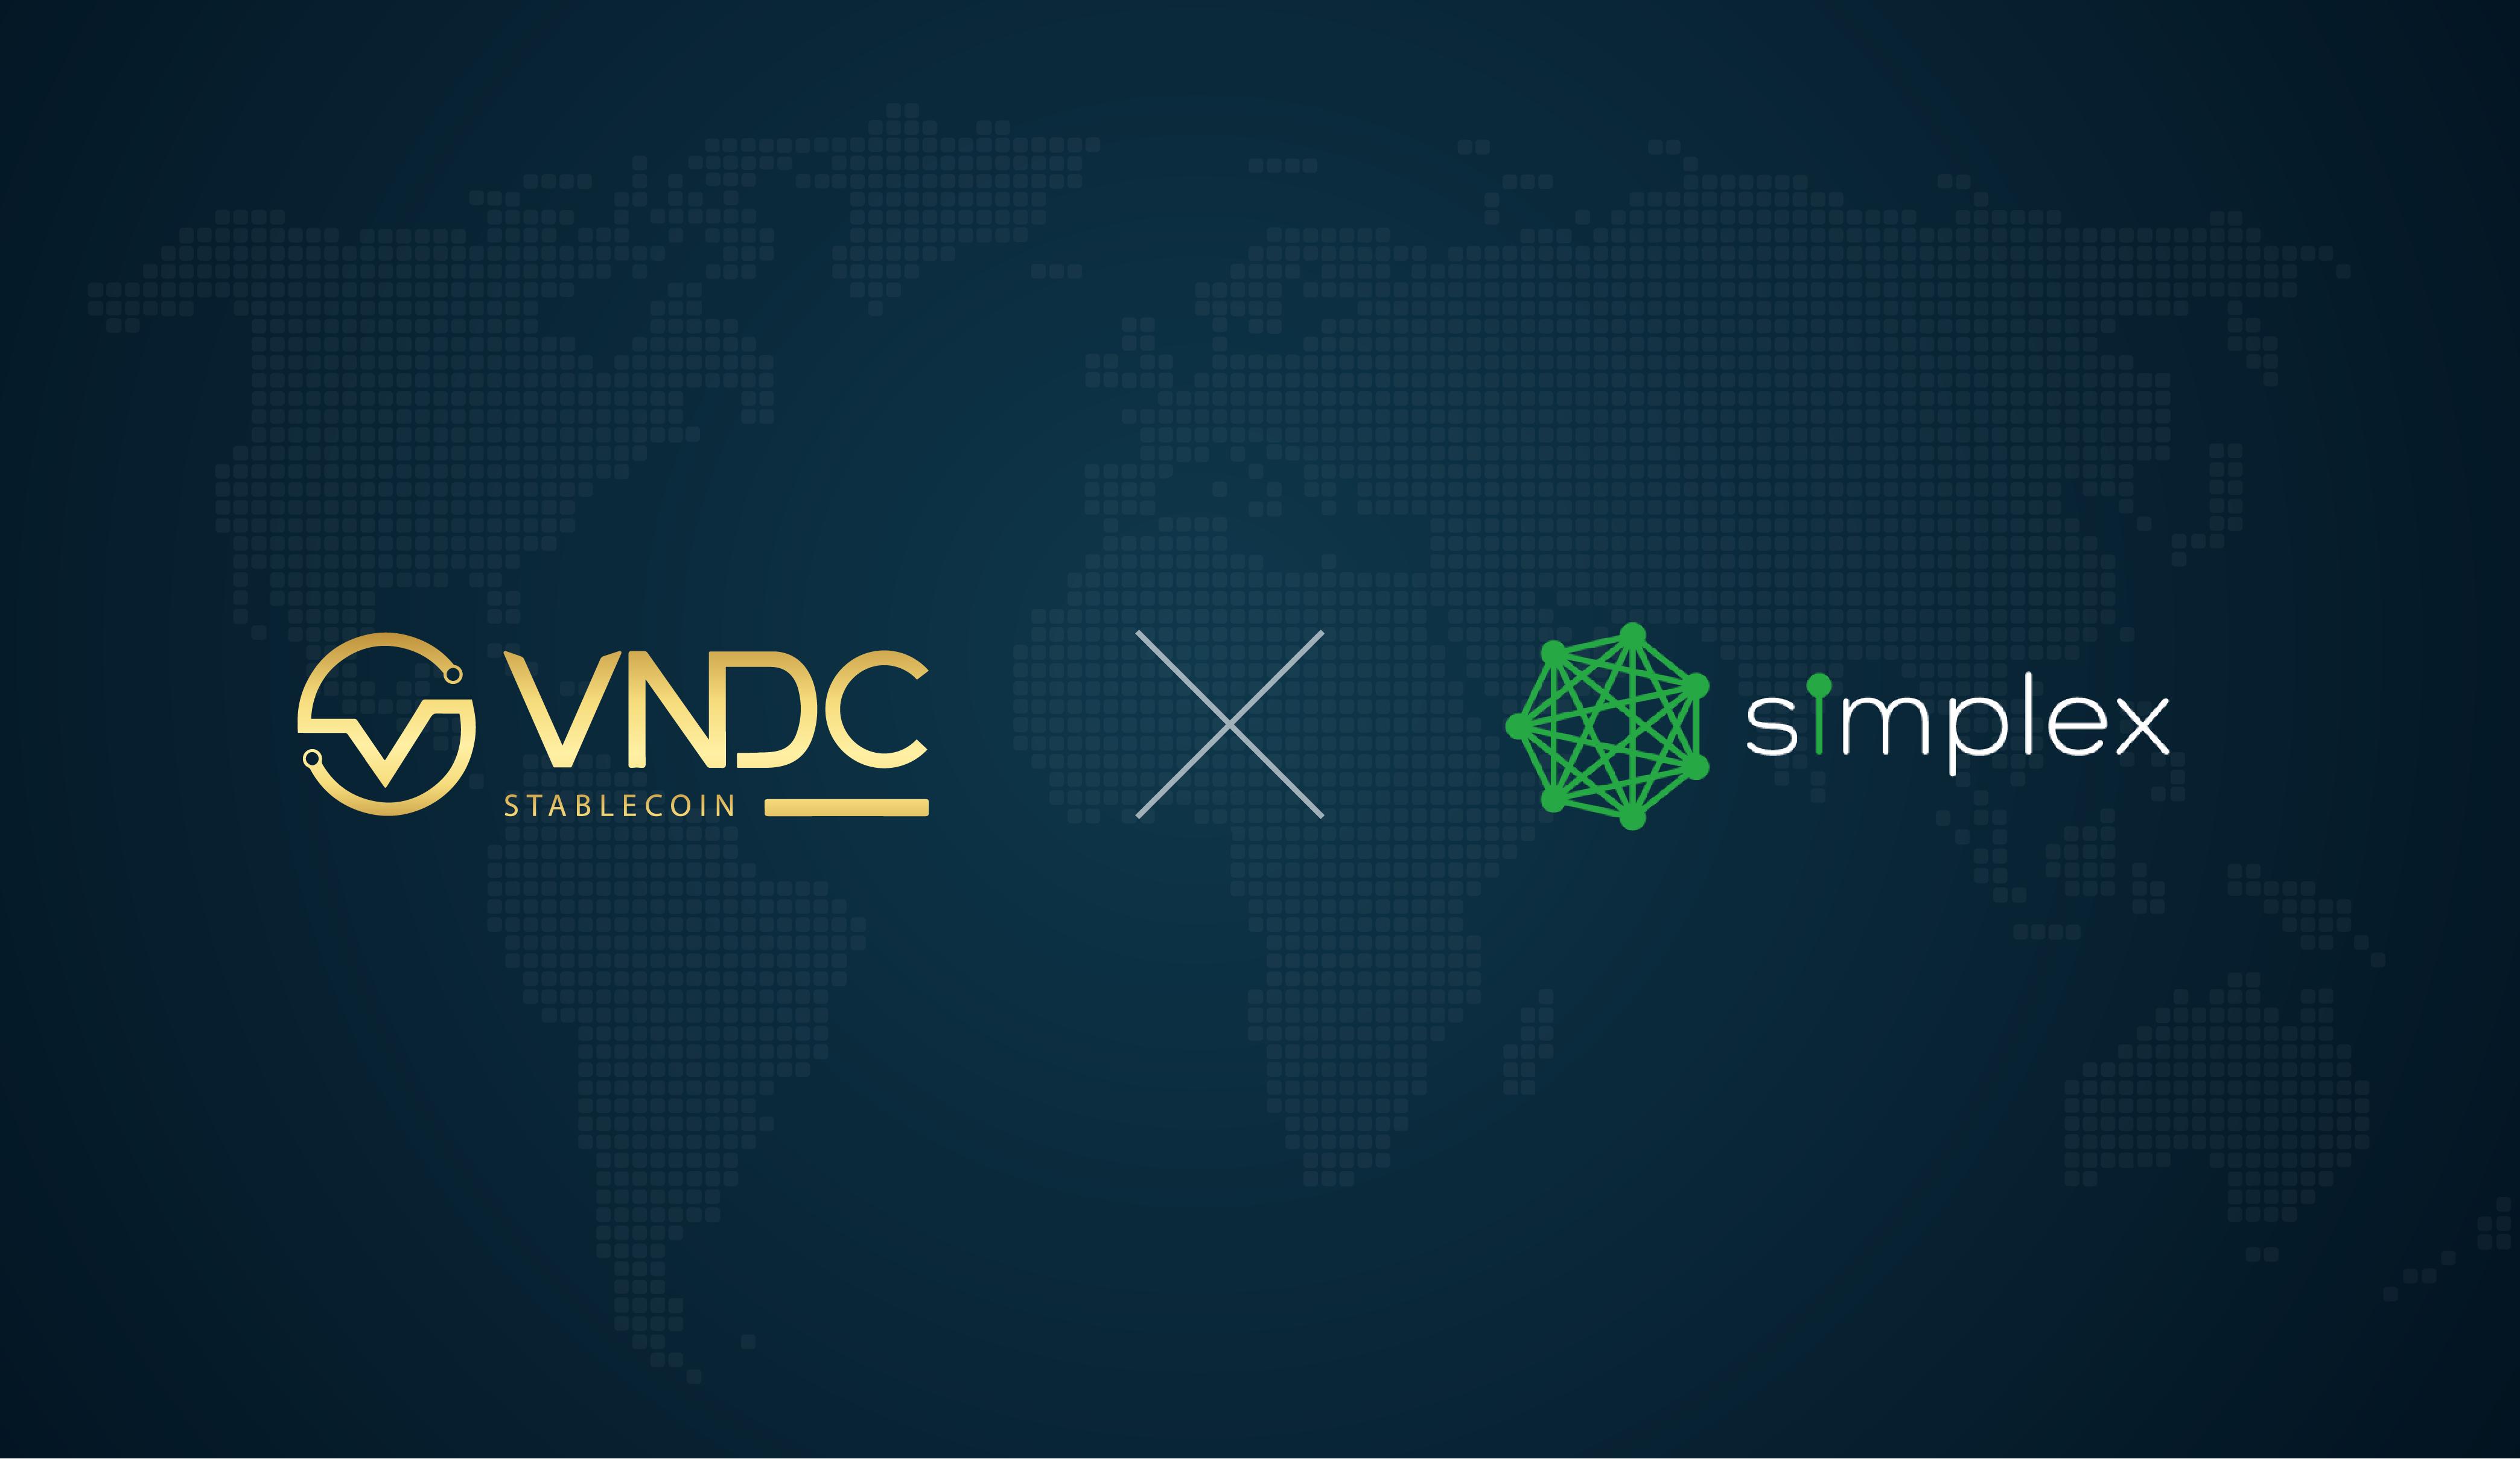 VNDC x Simplex: Mở cổng thanh toán quốc tế khi mua tài sản số